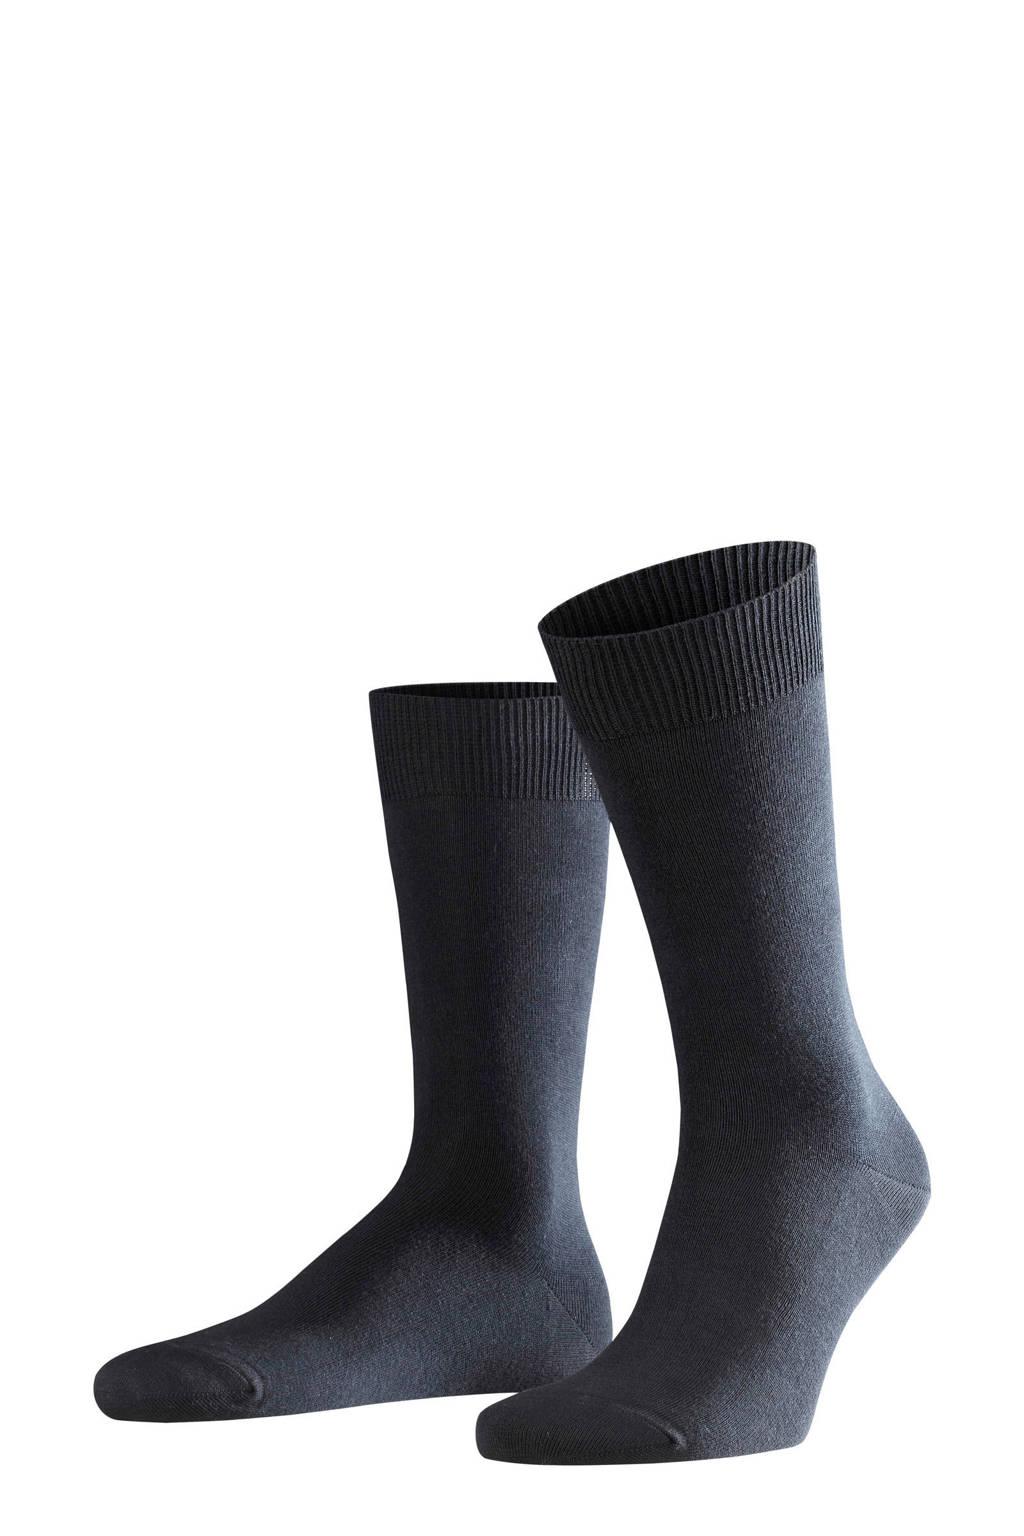 Falke sokken (2 paar), Donkerblauw